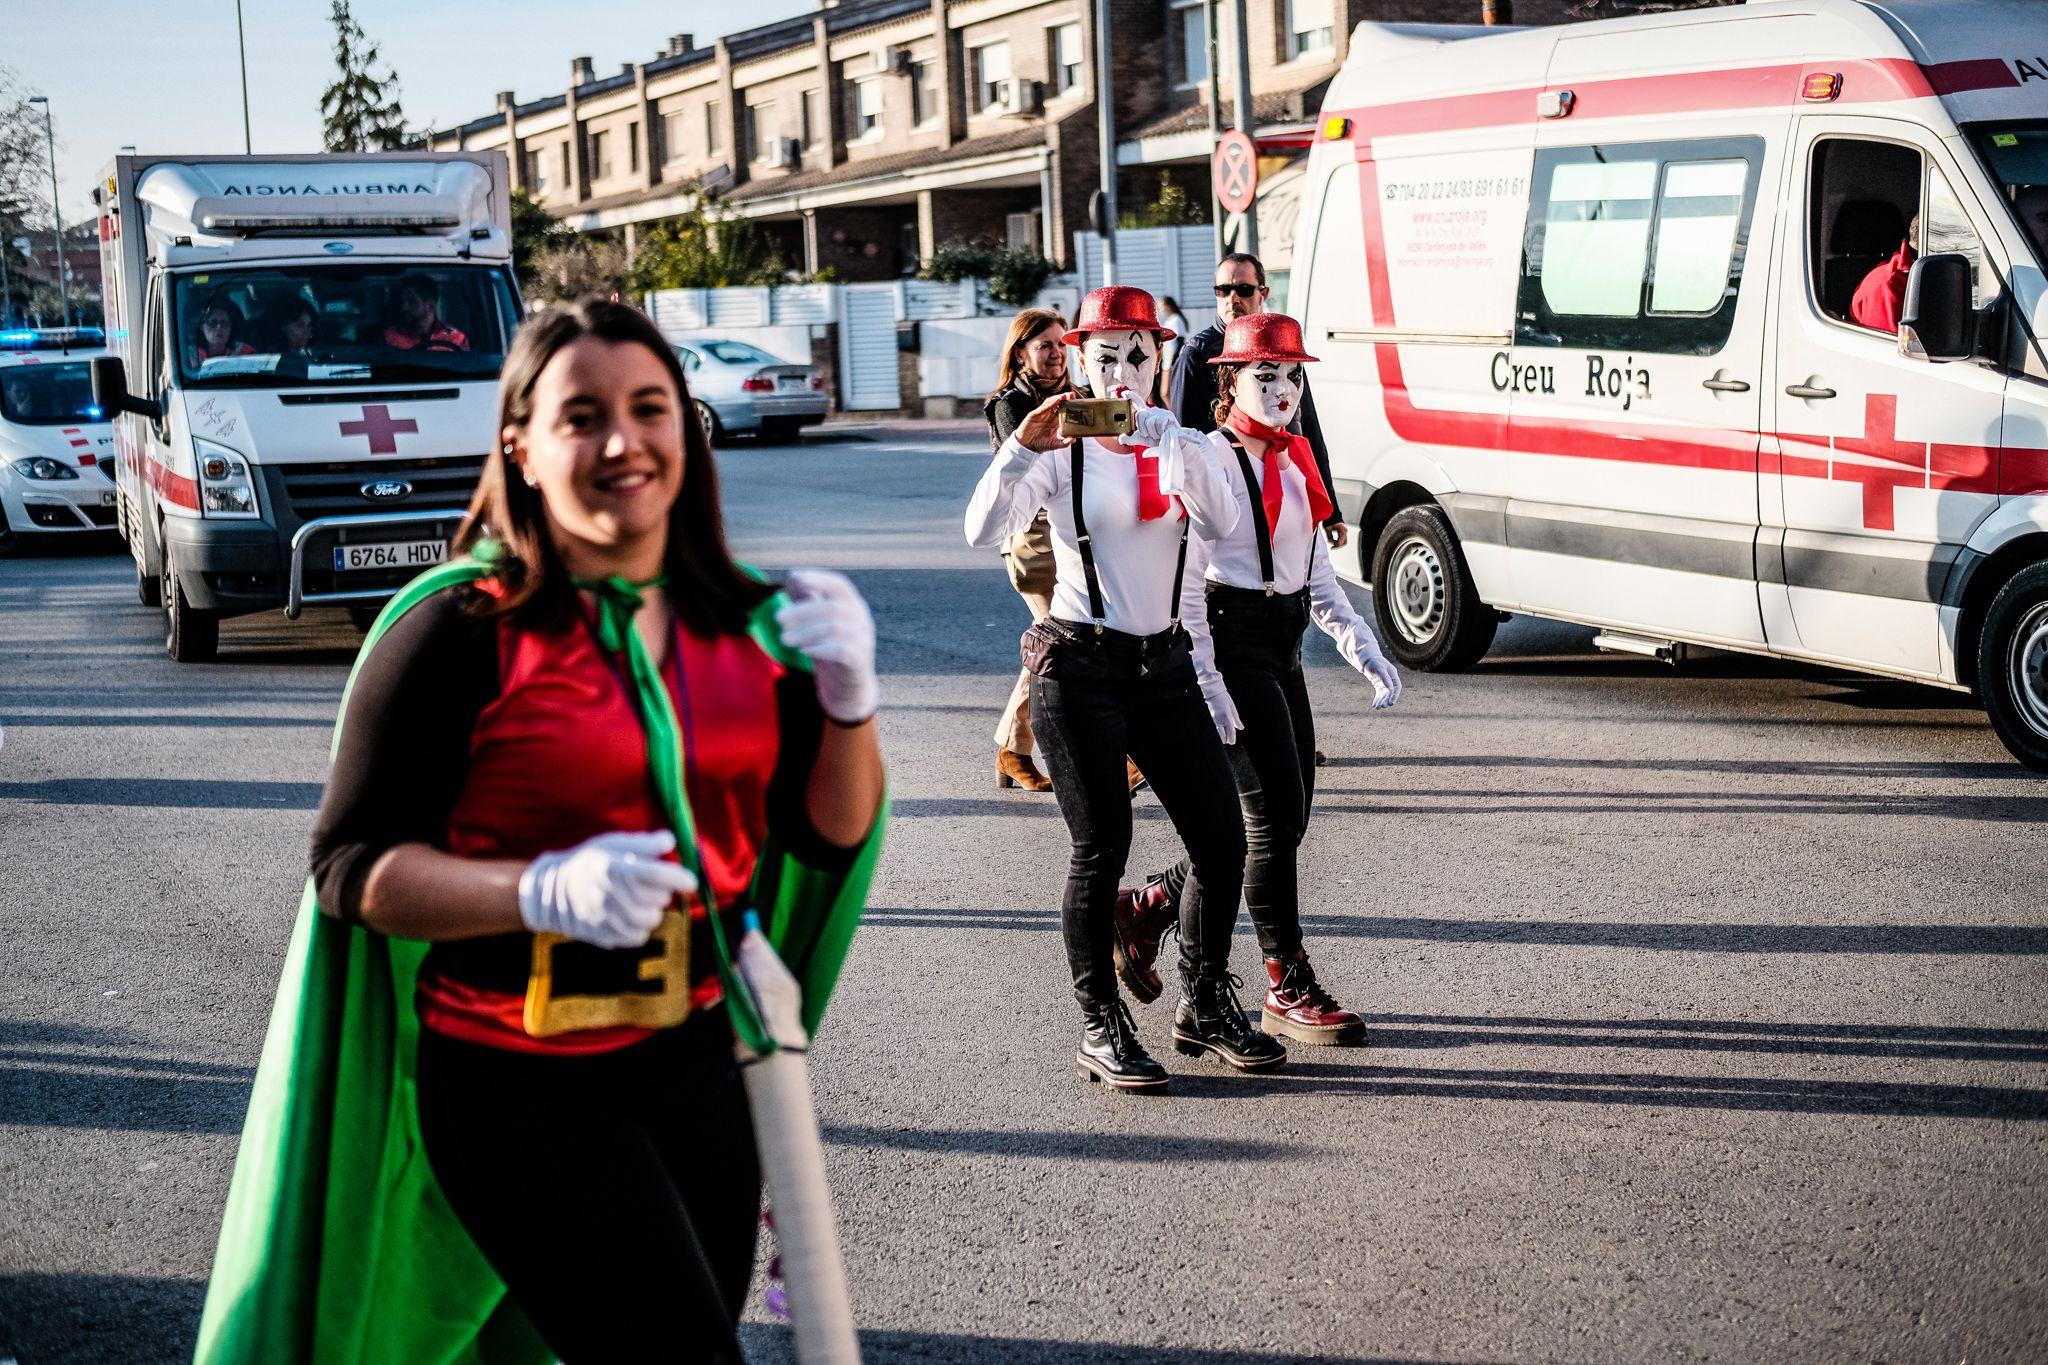 La Gran Rua de Carnaval pels carrers de Cerdanyola. FOTO: Ale Gómez